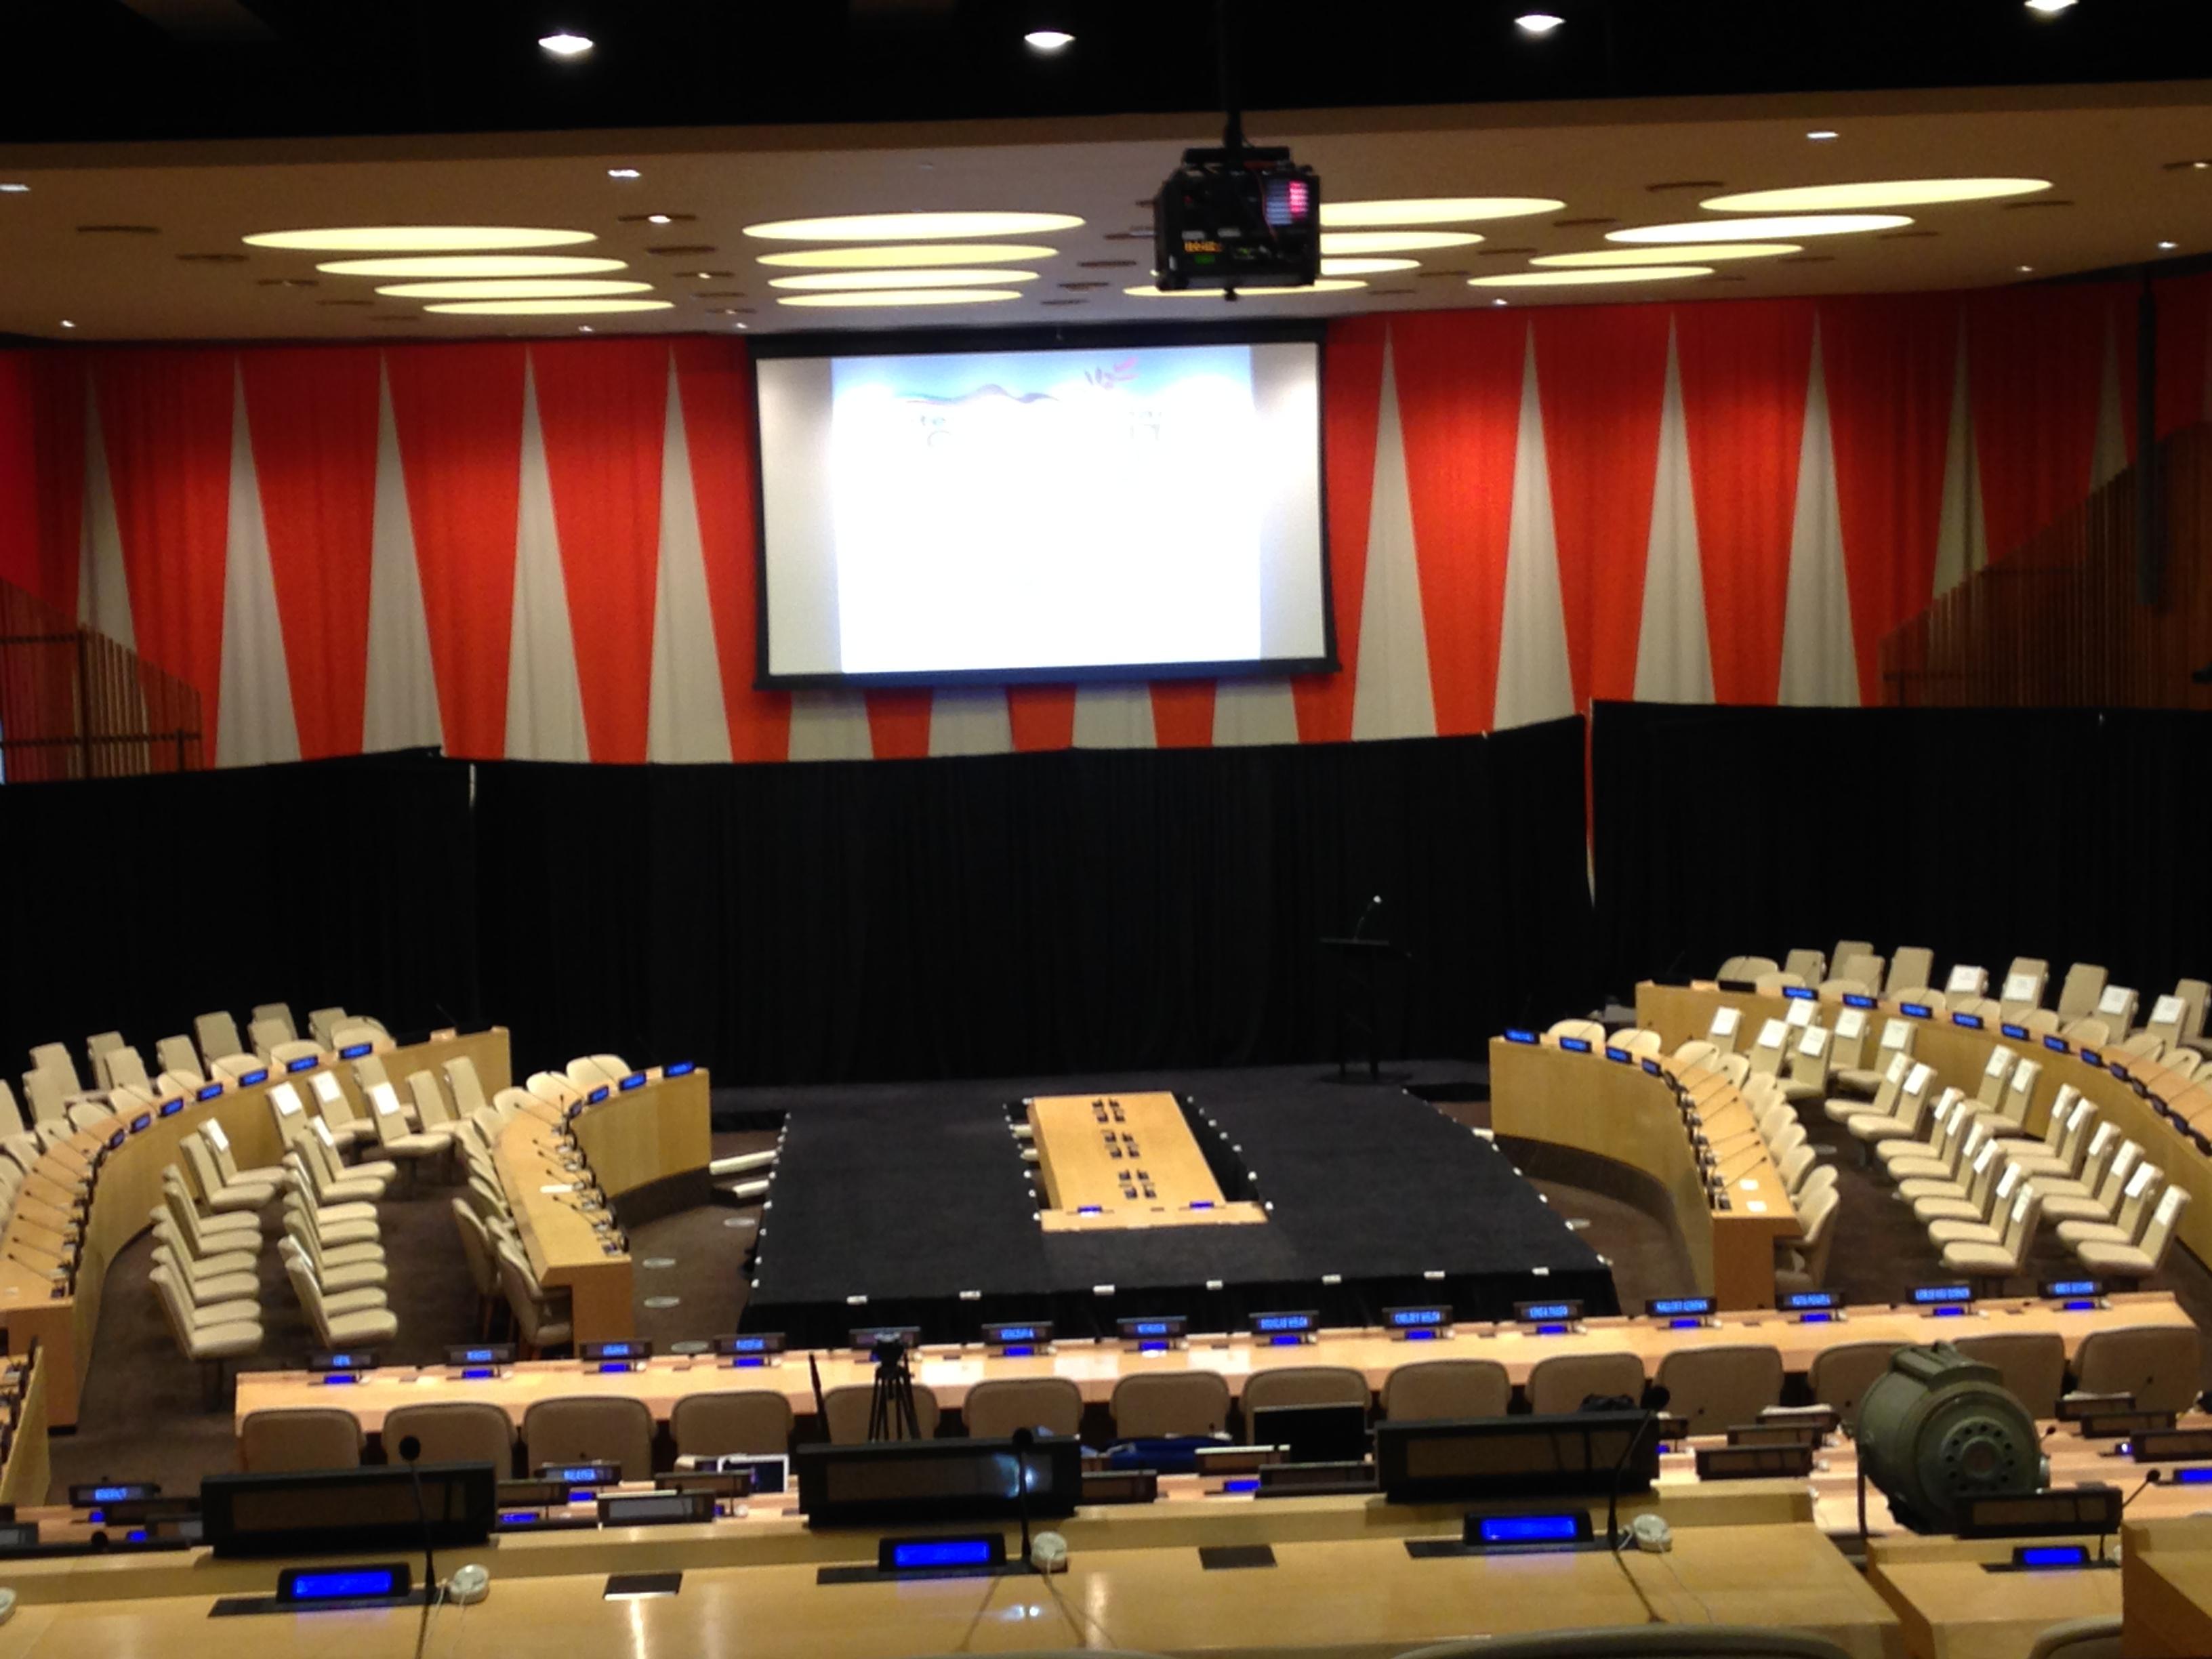 20141110 211824827 ios - Visitando la sede de la ONU en New York